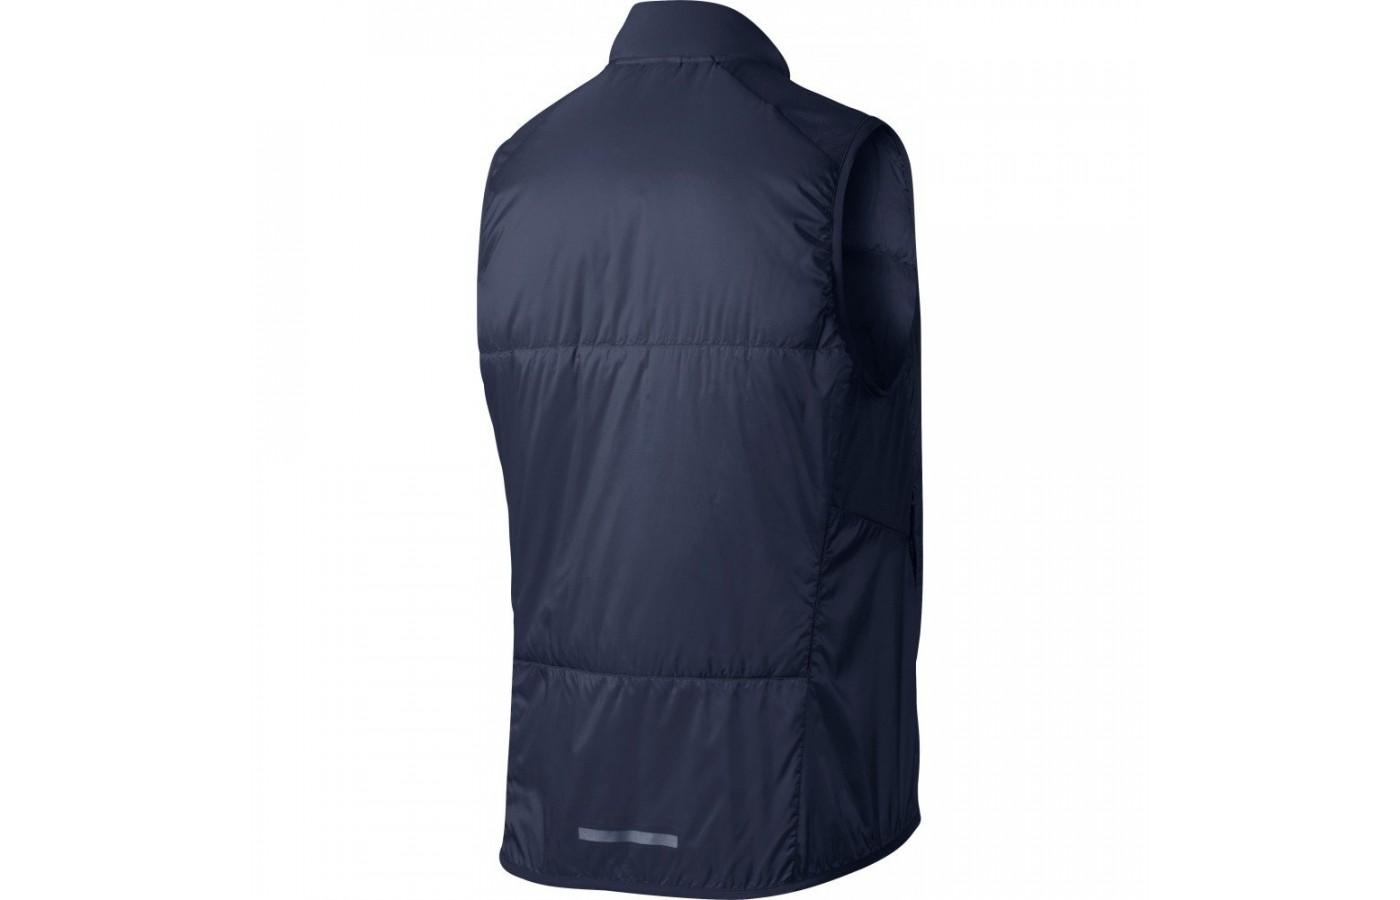 Nike Polyfill Vest back